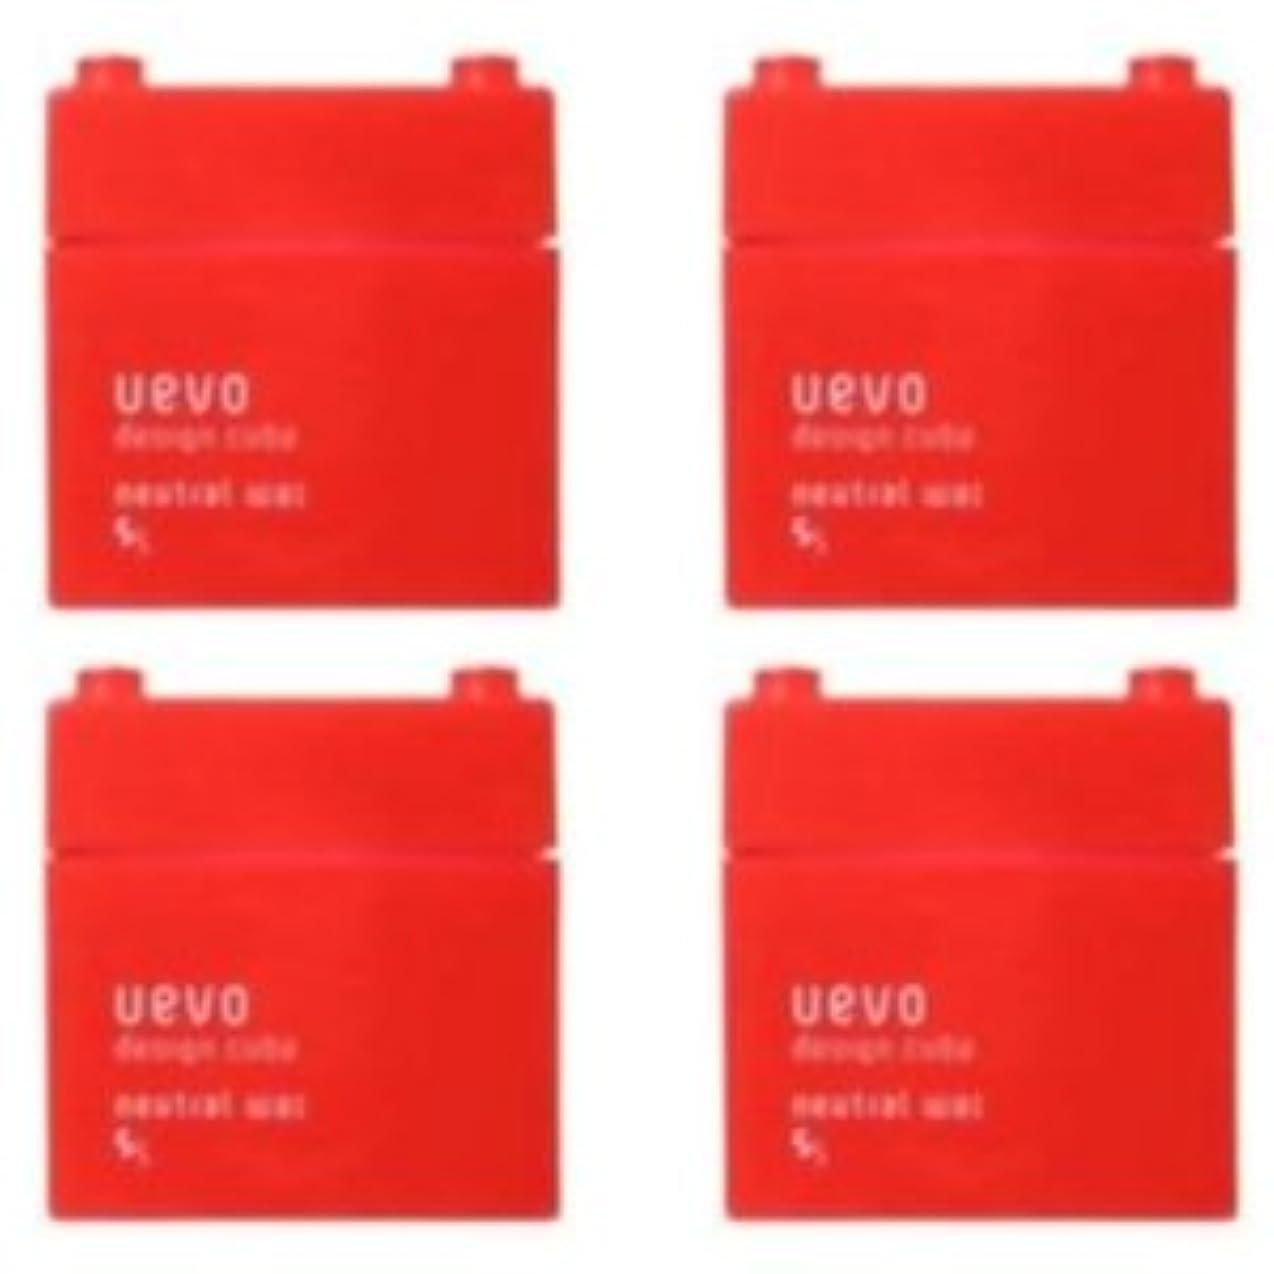 メンバー持続的事務所【X4個セット】 デミ ウェーボ デザインキューブ ニュートラルワックス 80g neutral wax DEMI uevo design cube